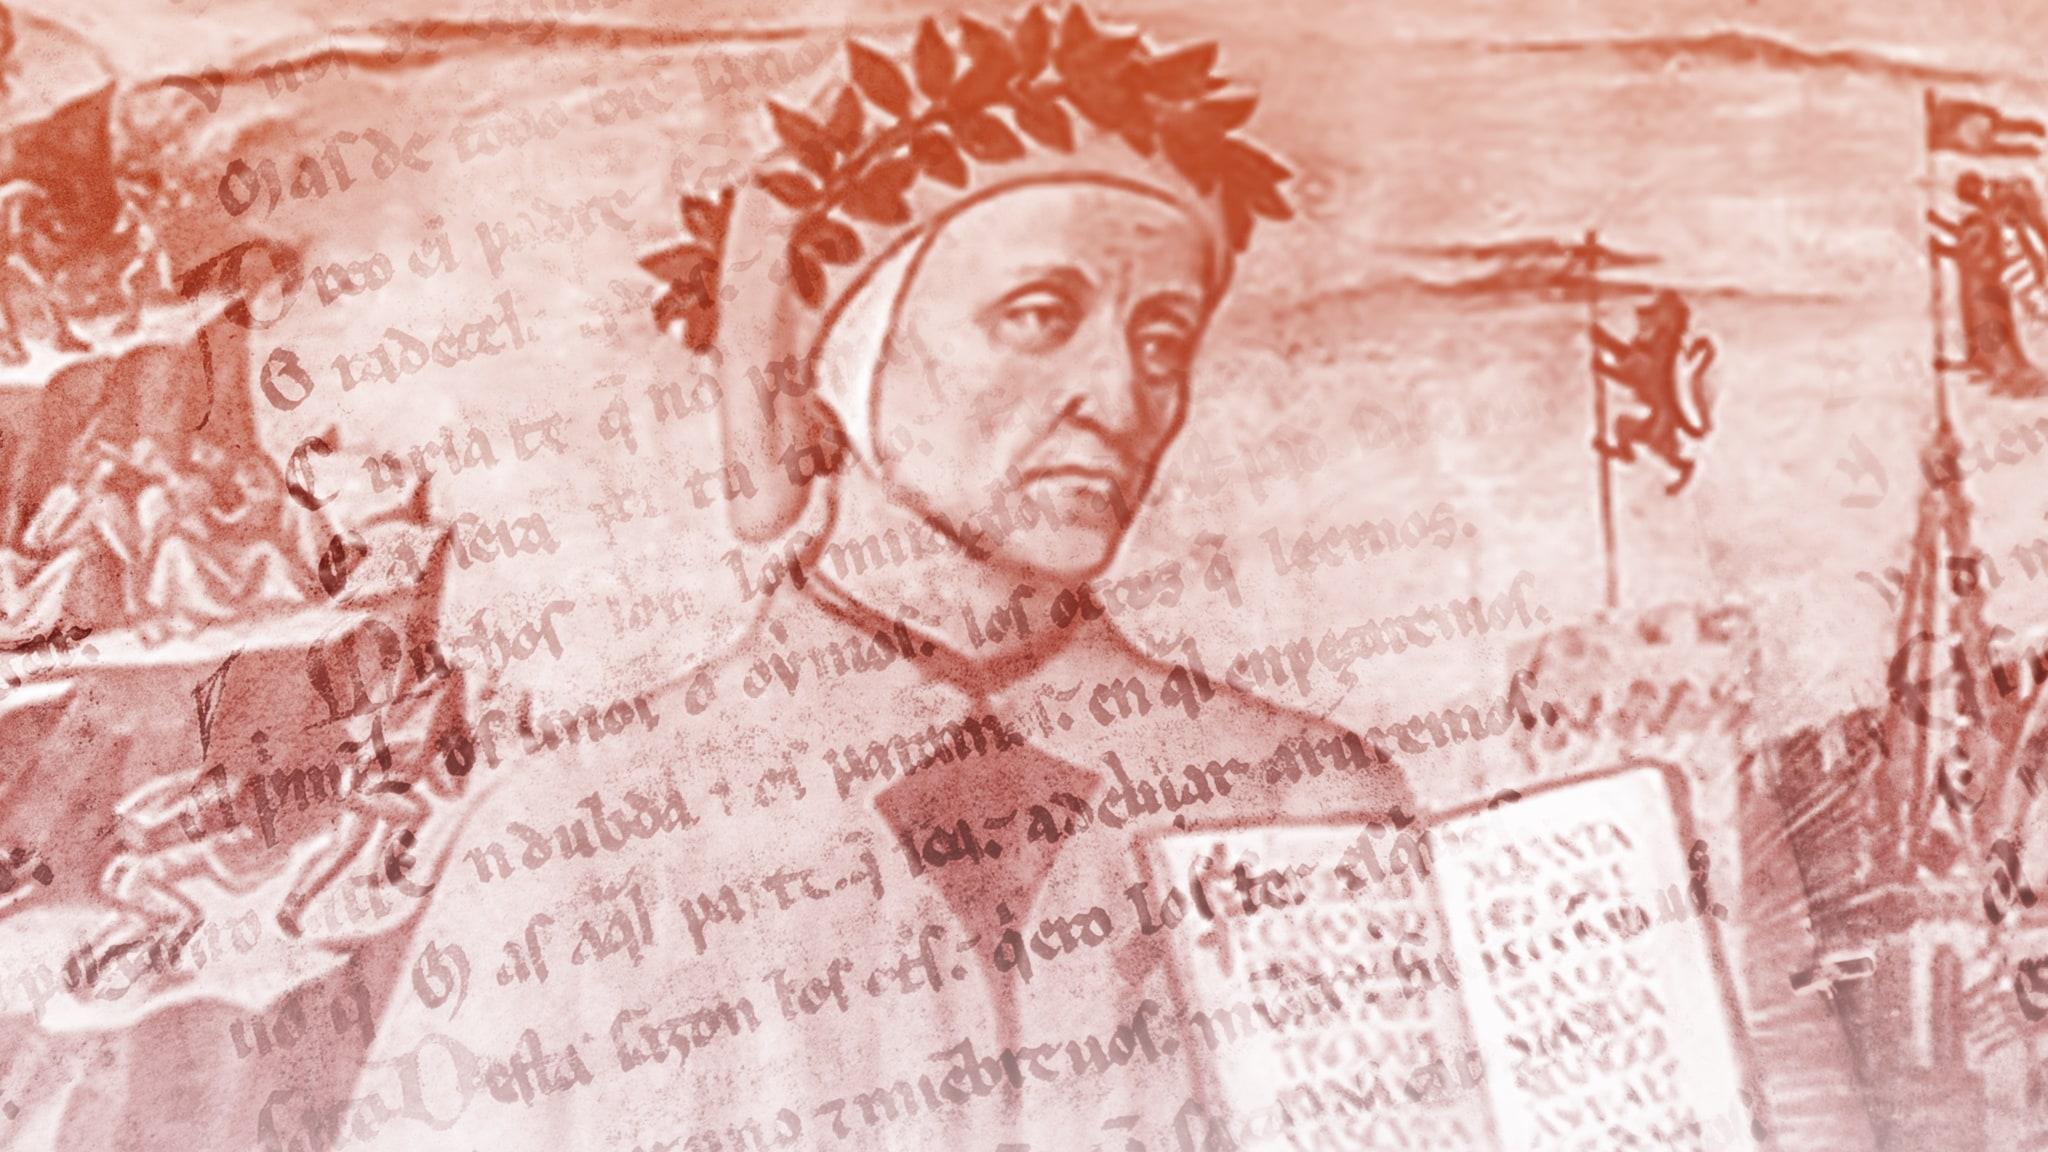 Rai Scuola Storie della letteratura I poeti italiani del Novecento: Mario Luzi Replica